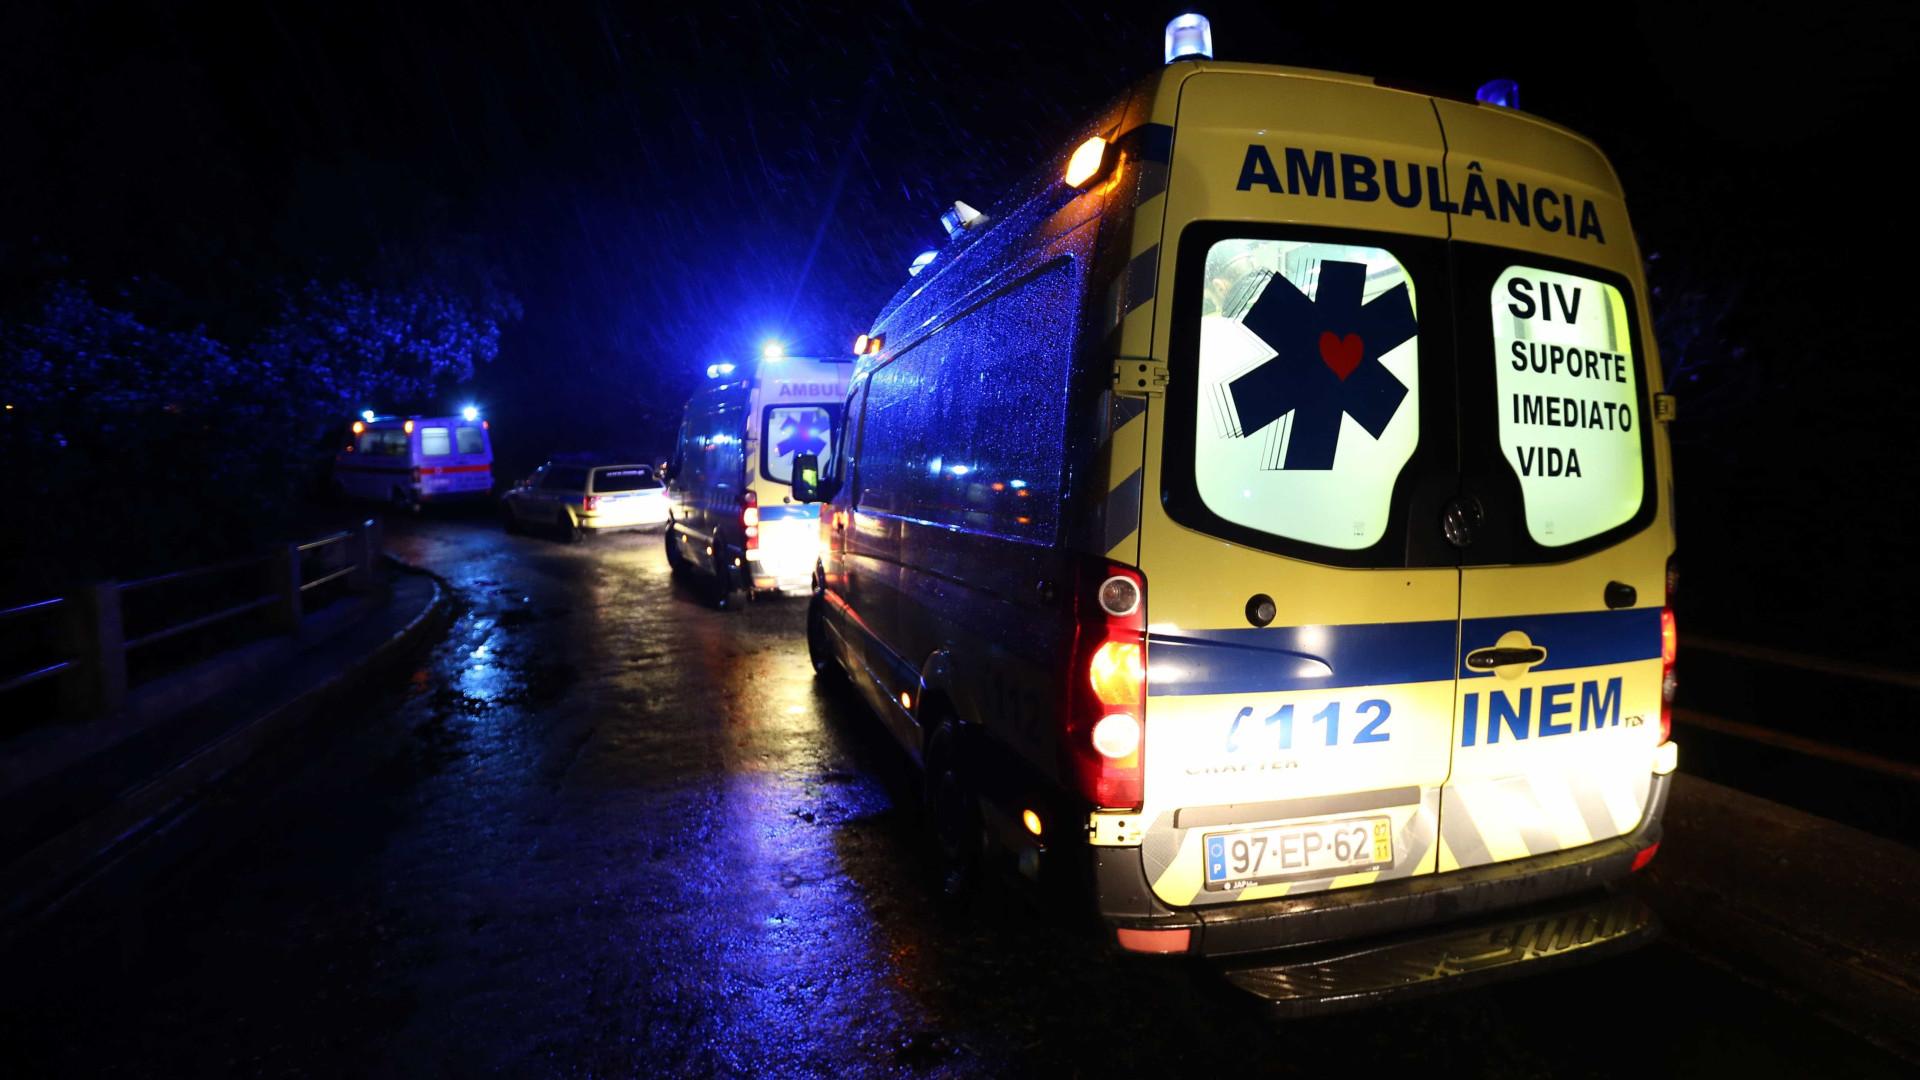 Atropelamento rodoviário em Faro faz um ferido grave